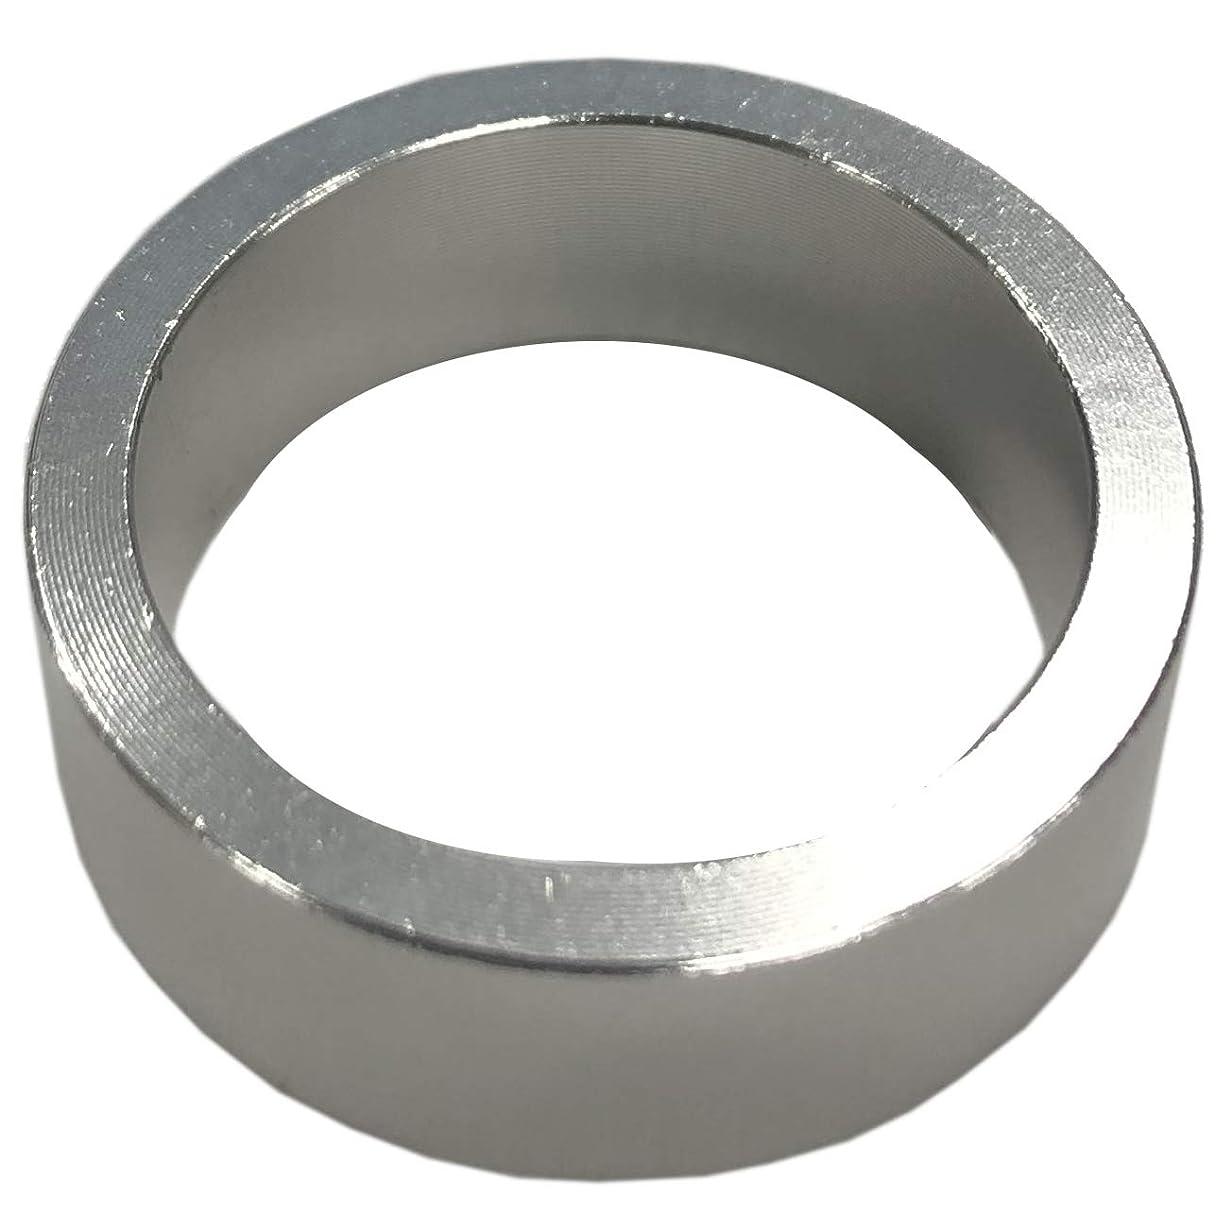 批判襟突き出すDIA COMPE(ダイア コンペ) ヘッドコラム アルミニウムスペーサー 1インチ (φ25.4) 10mm シルバー